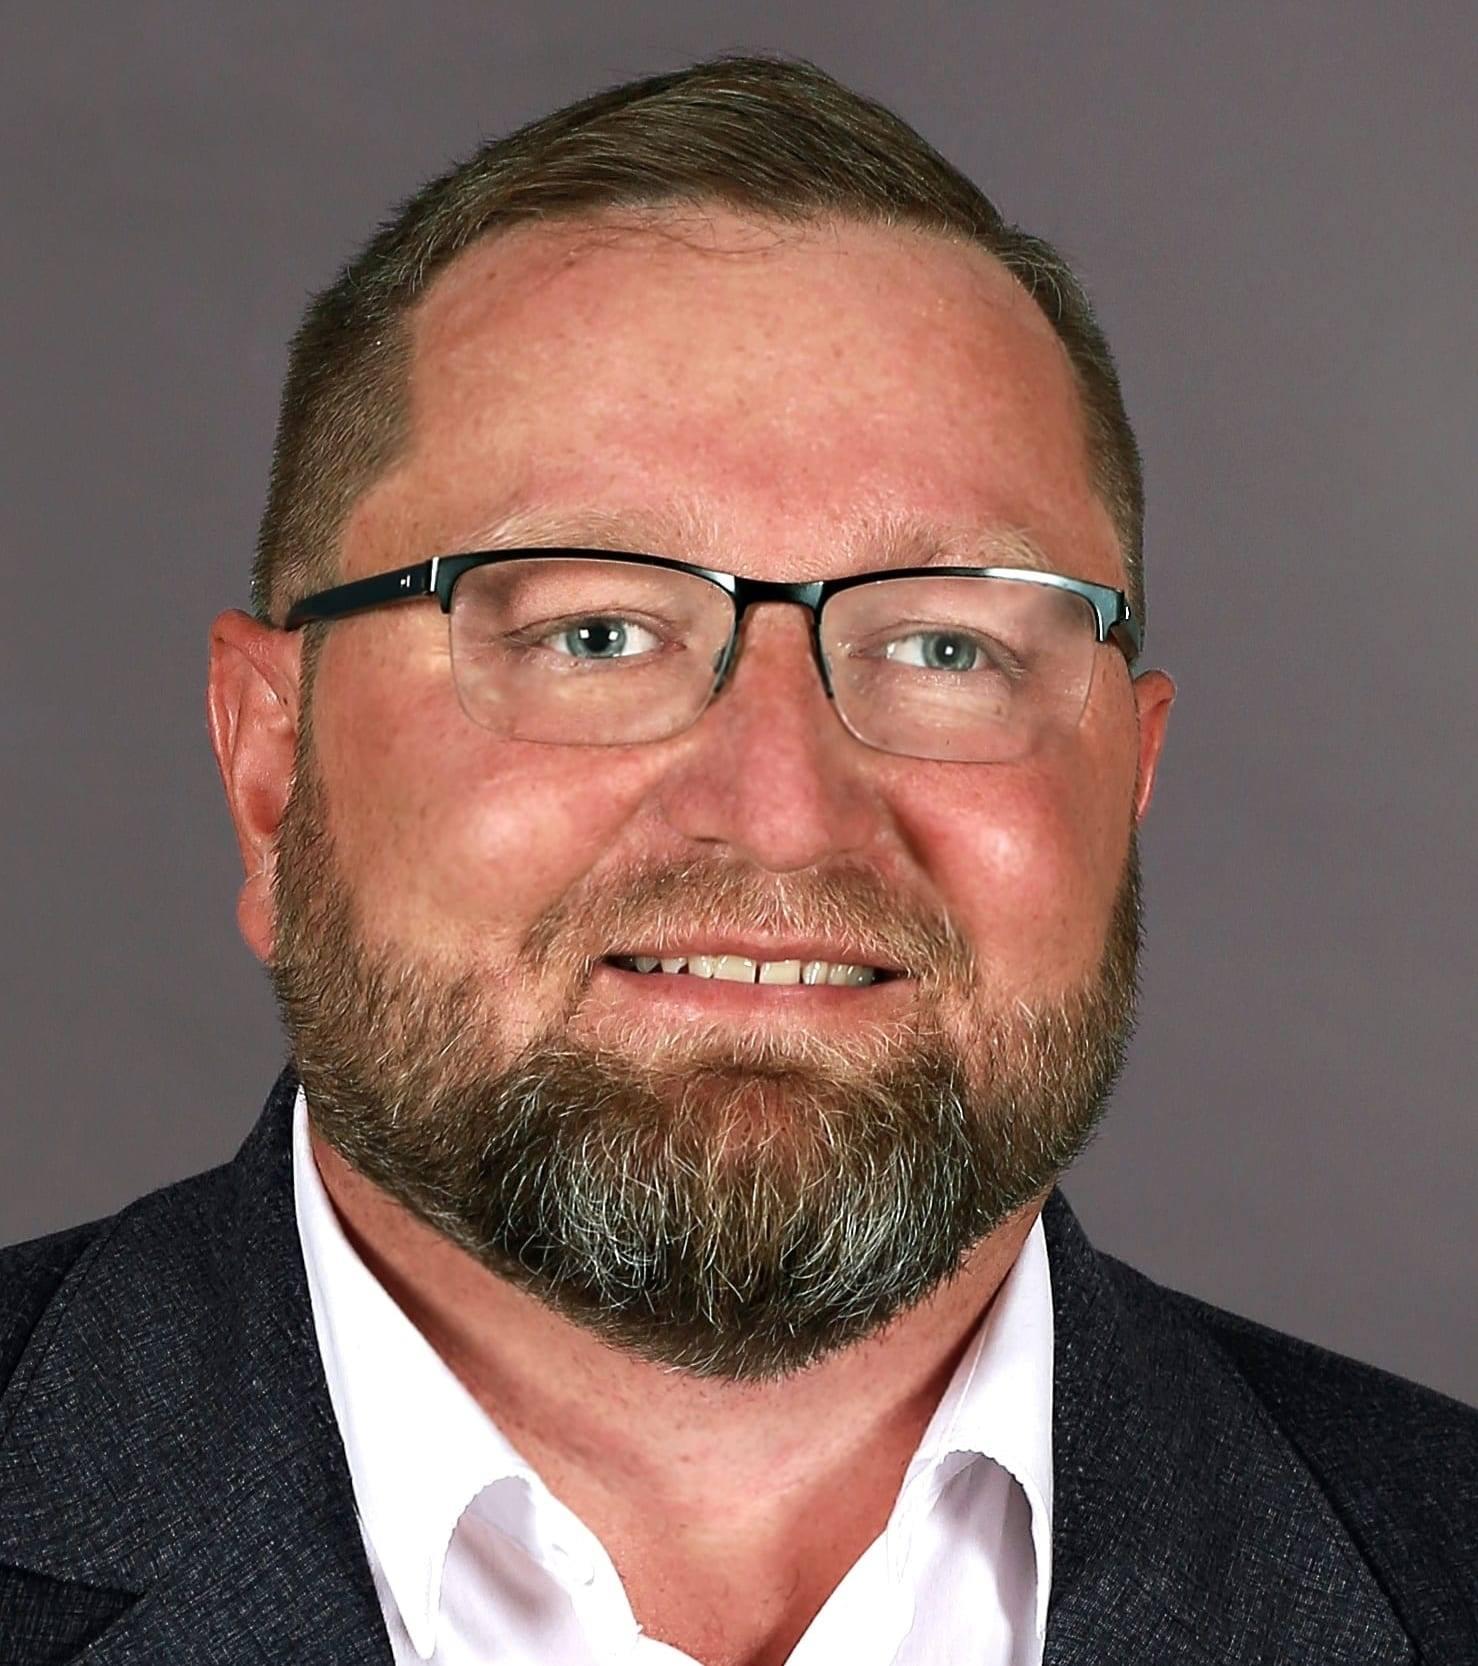 Jiří Matoušek